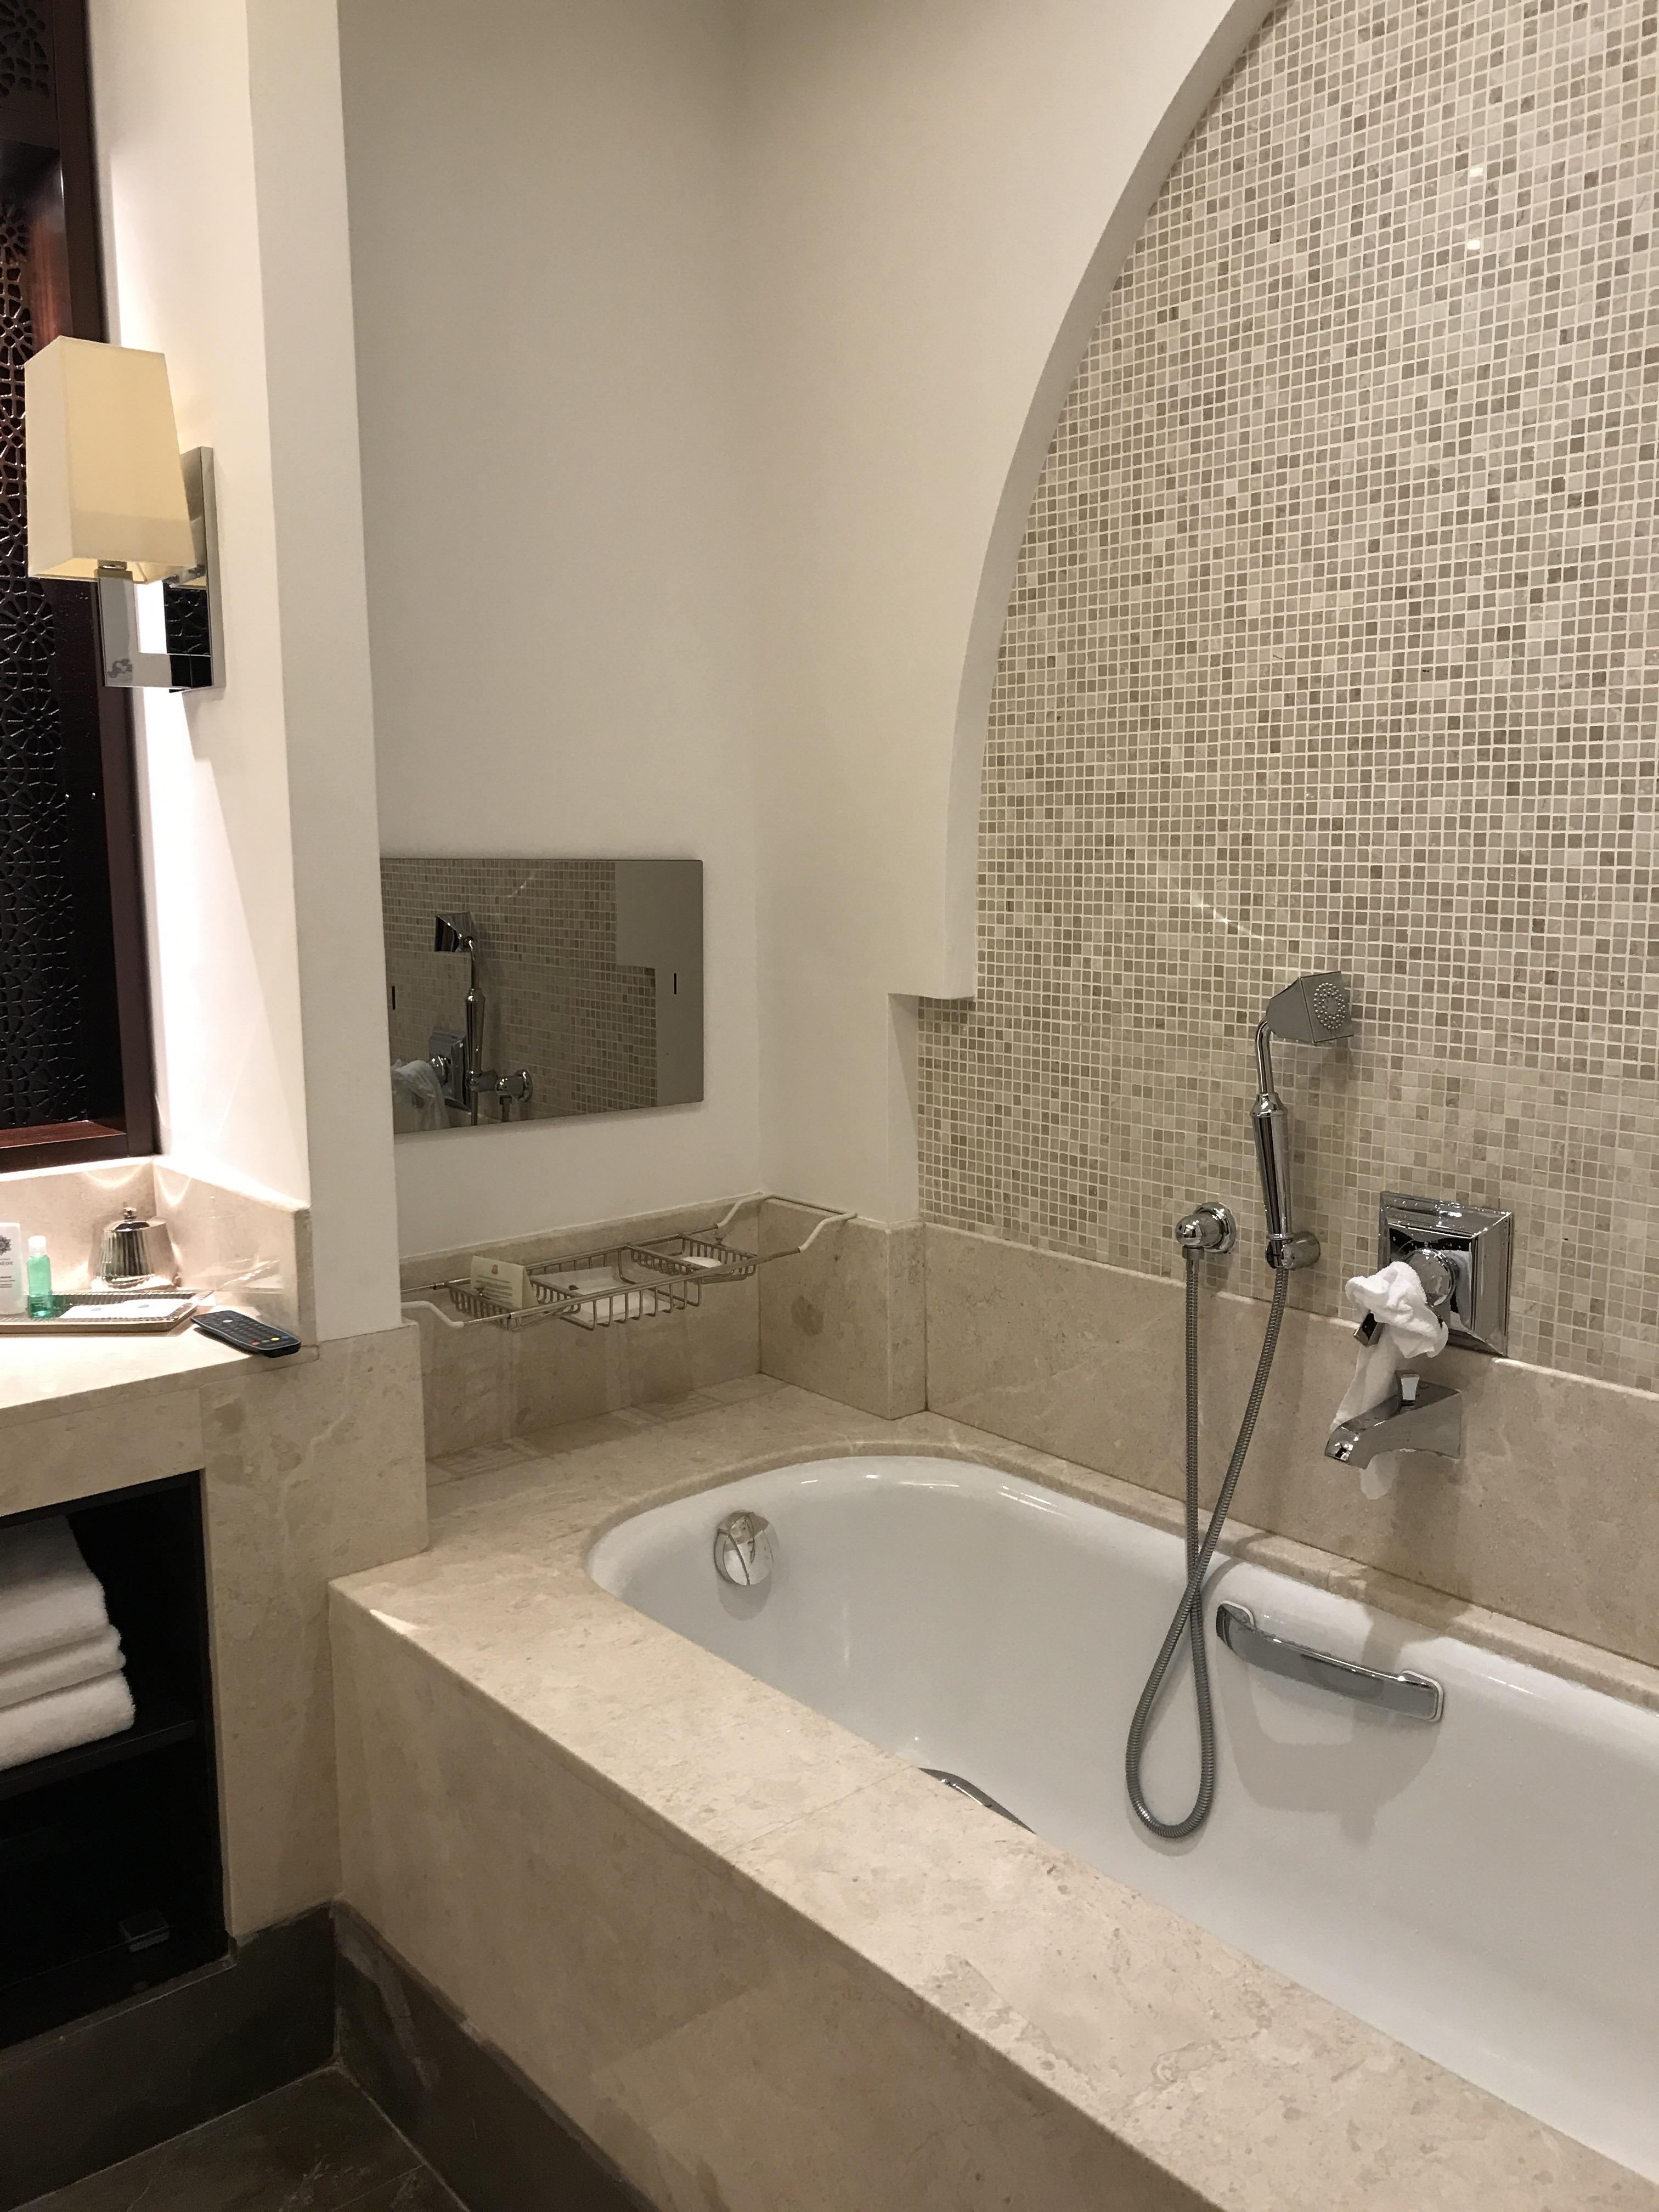 Bathroom with a TV!